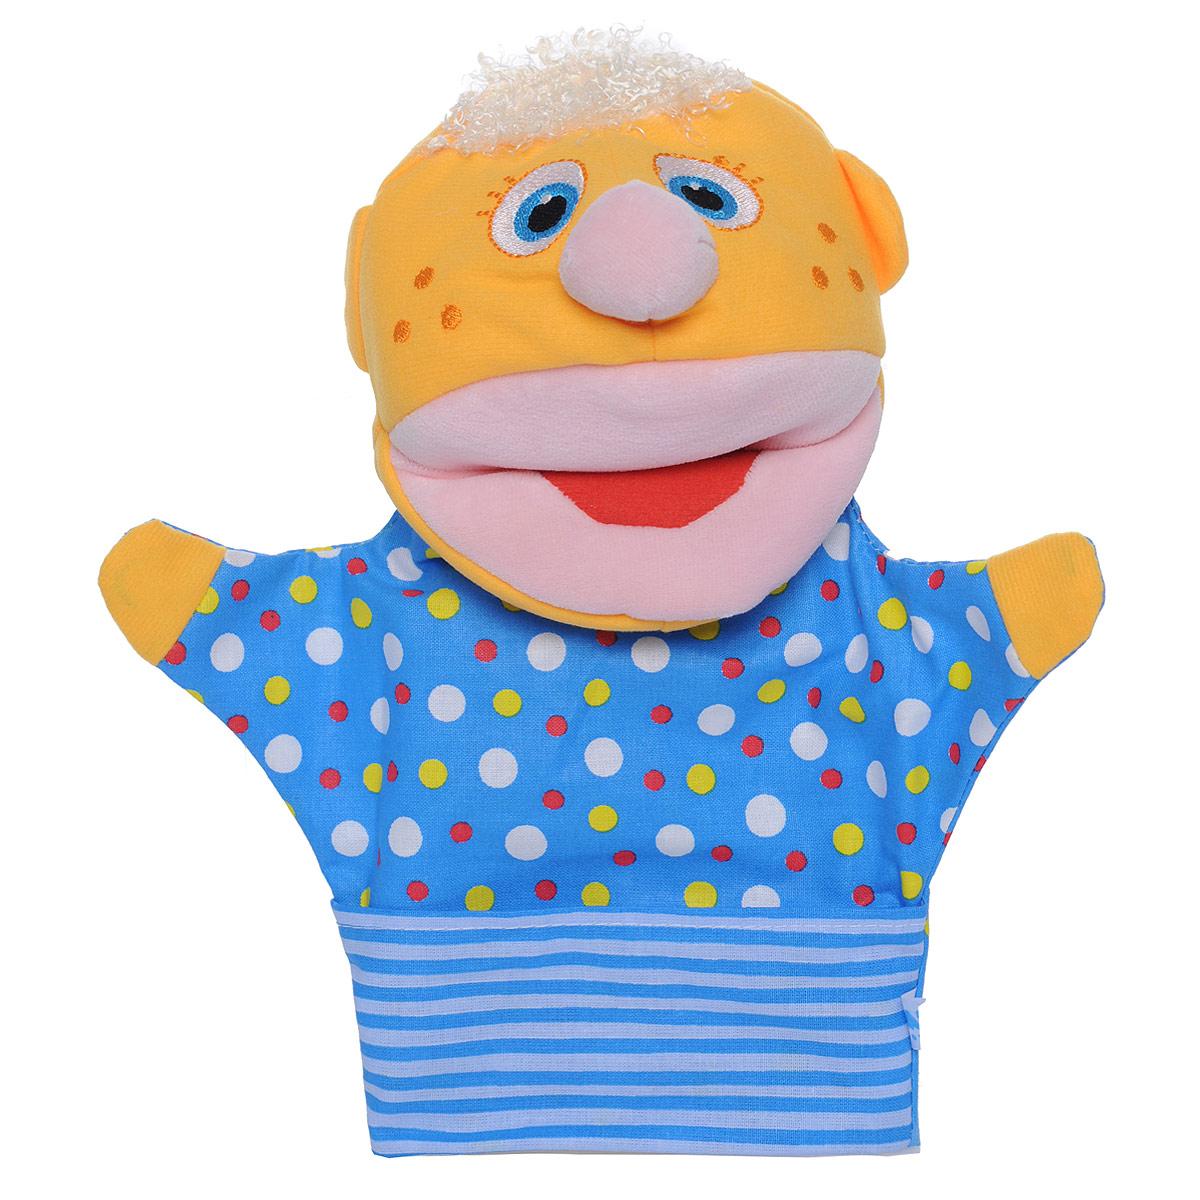 Мягкая игрушка на руку Мякиши Нямлик, 26 см, цвет: желтый, синий202_желтый, синийМягкая игрушка на руку Мякиши Нямлик поднимет настроение и вызовет улыбку не только у ребенка, но и у взрослого. Игрушка выполнена в виде яркого веселого человечка из высококачественной разнофактурной ткани и мягкого наполнителя, что позволяет ей быть абсолютно безопасной в игре. Глазки и веснушки на щечках человечка вышиты нитками. Нямлик может строить забавные рожицы, разговаривать (с вашей помощью, конечно), и станет отличным помощником в деле воспитания и развития малыша. Такая игрушка способствует укреплению мелкой моторики рук ребенка, развитию его речевых способностей и воображения.